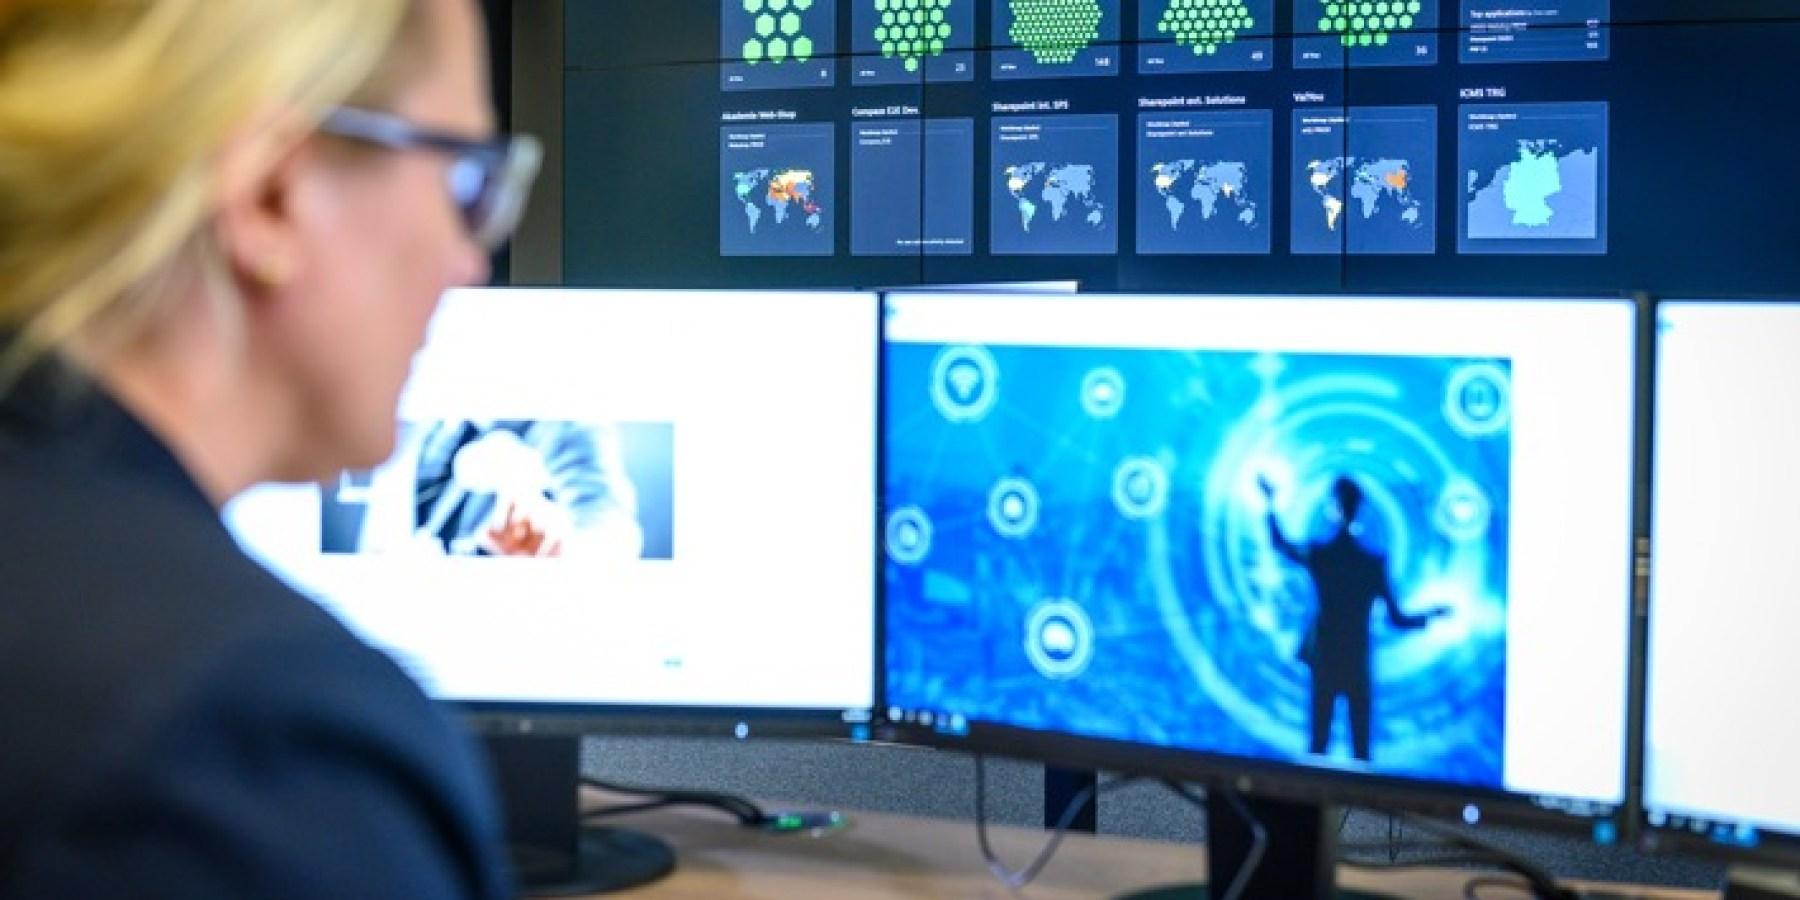 Cyberangriffe wirken sich zunehmend auf die persönliche Sicherheit aus